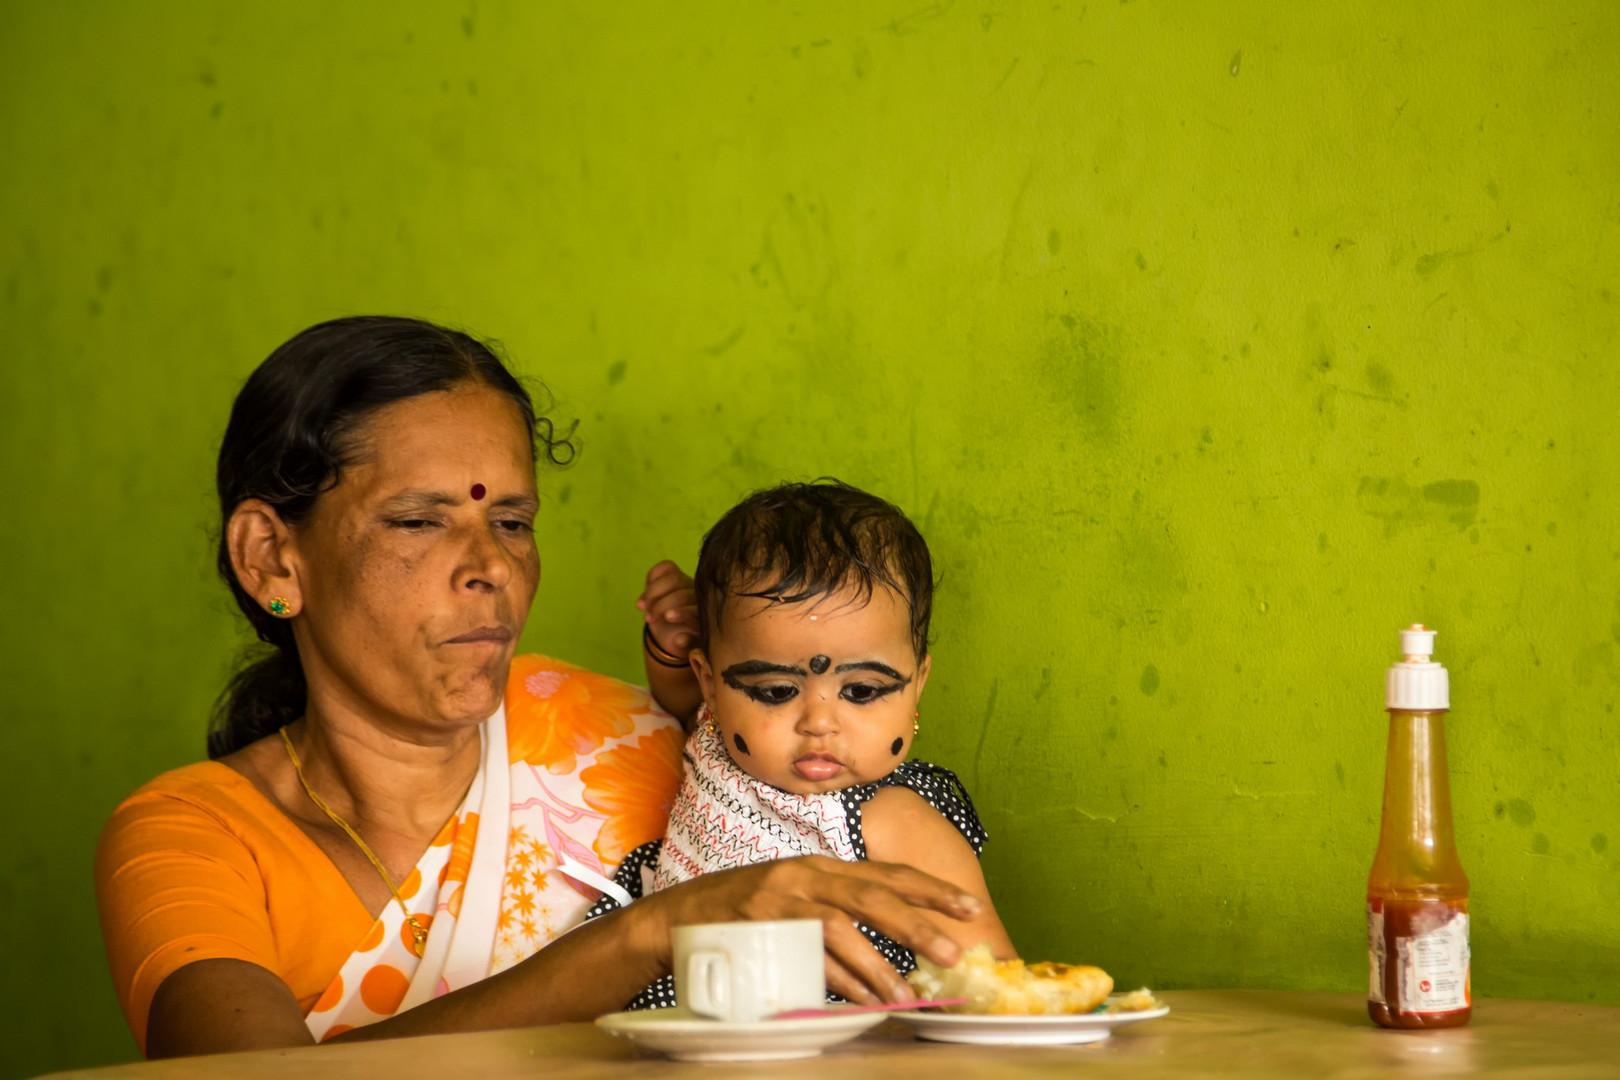 Cette grand-mère nous a expliqué que le maquillage des enfants les protège des maladies